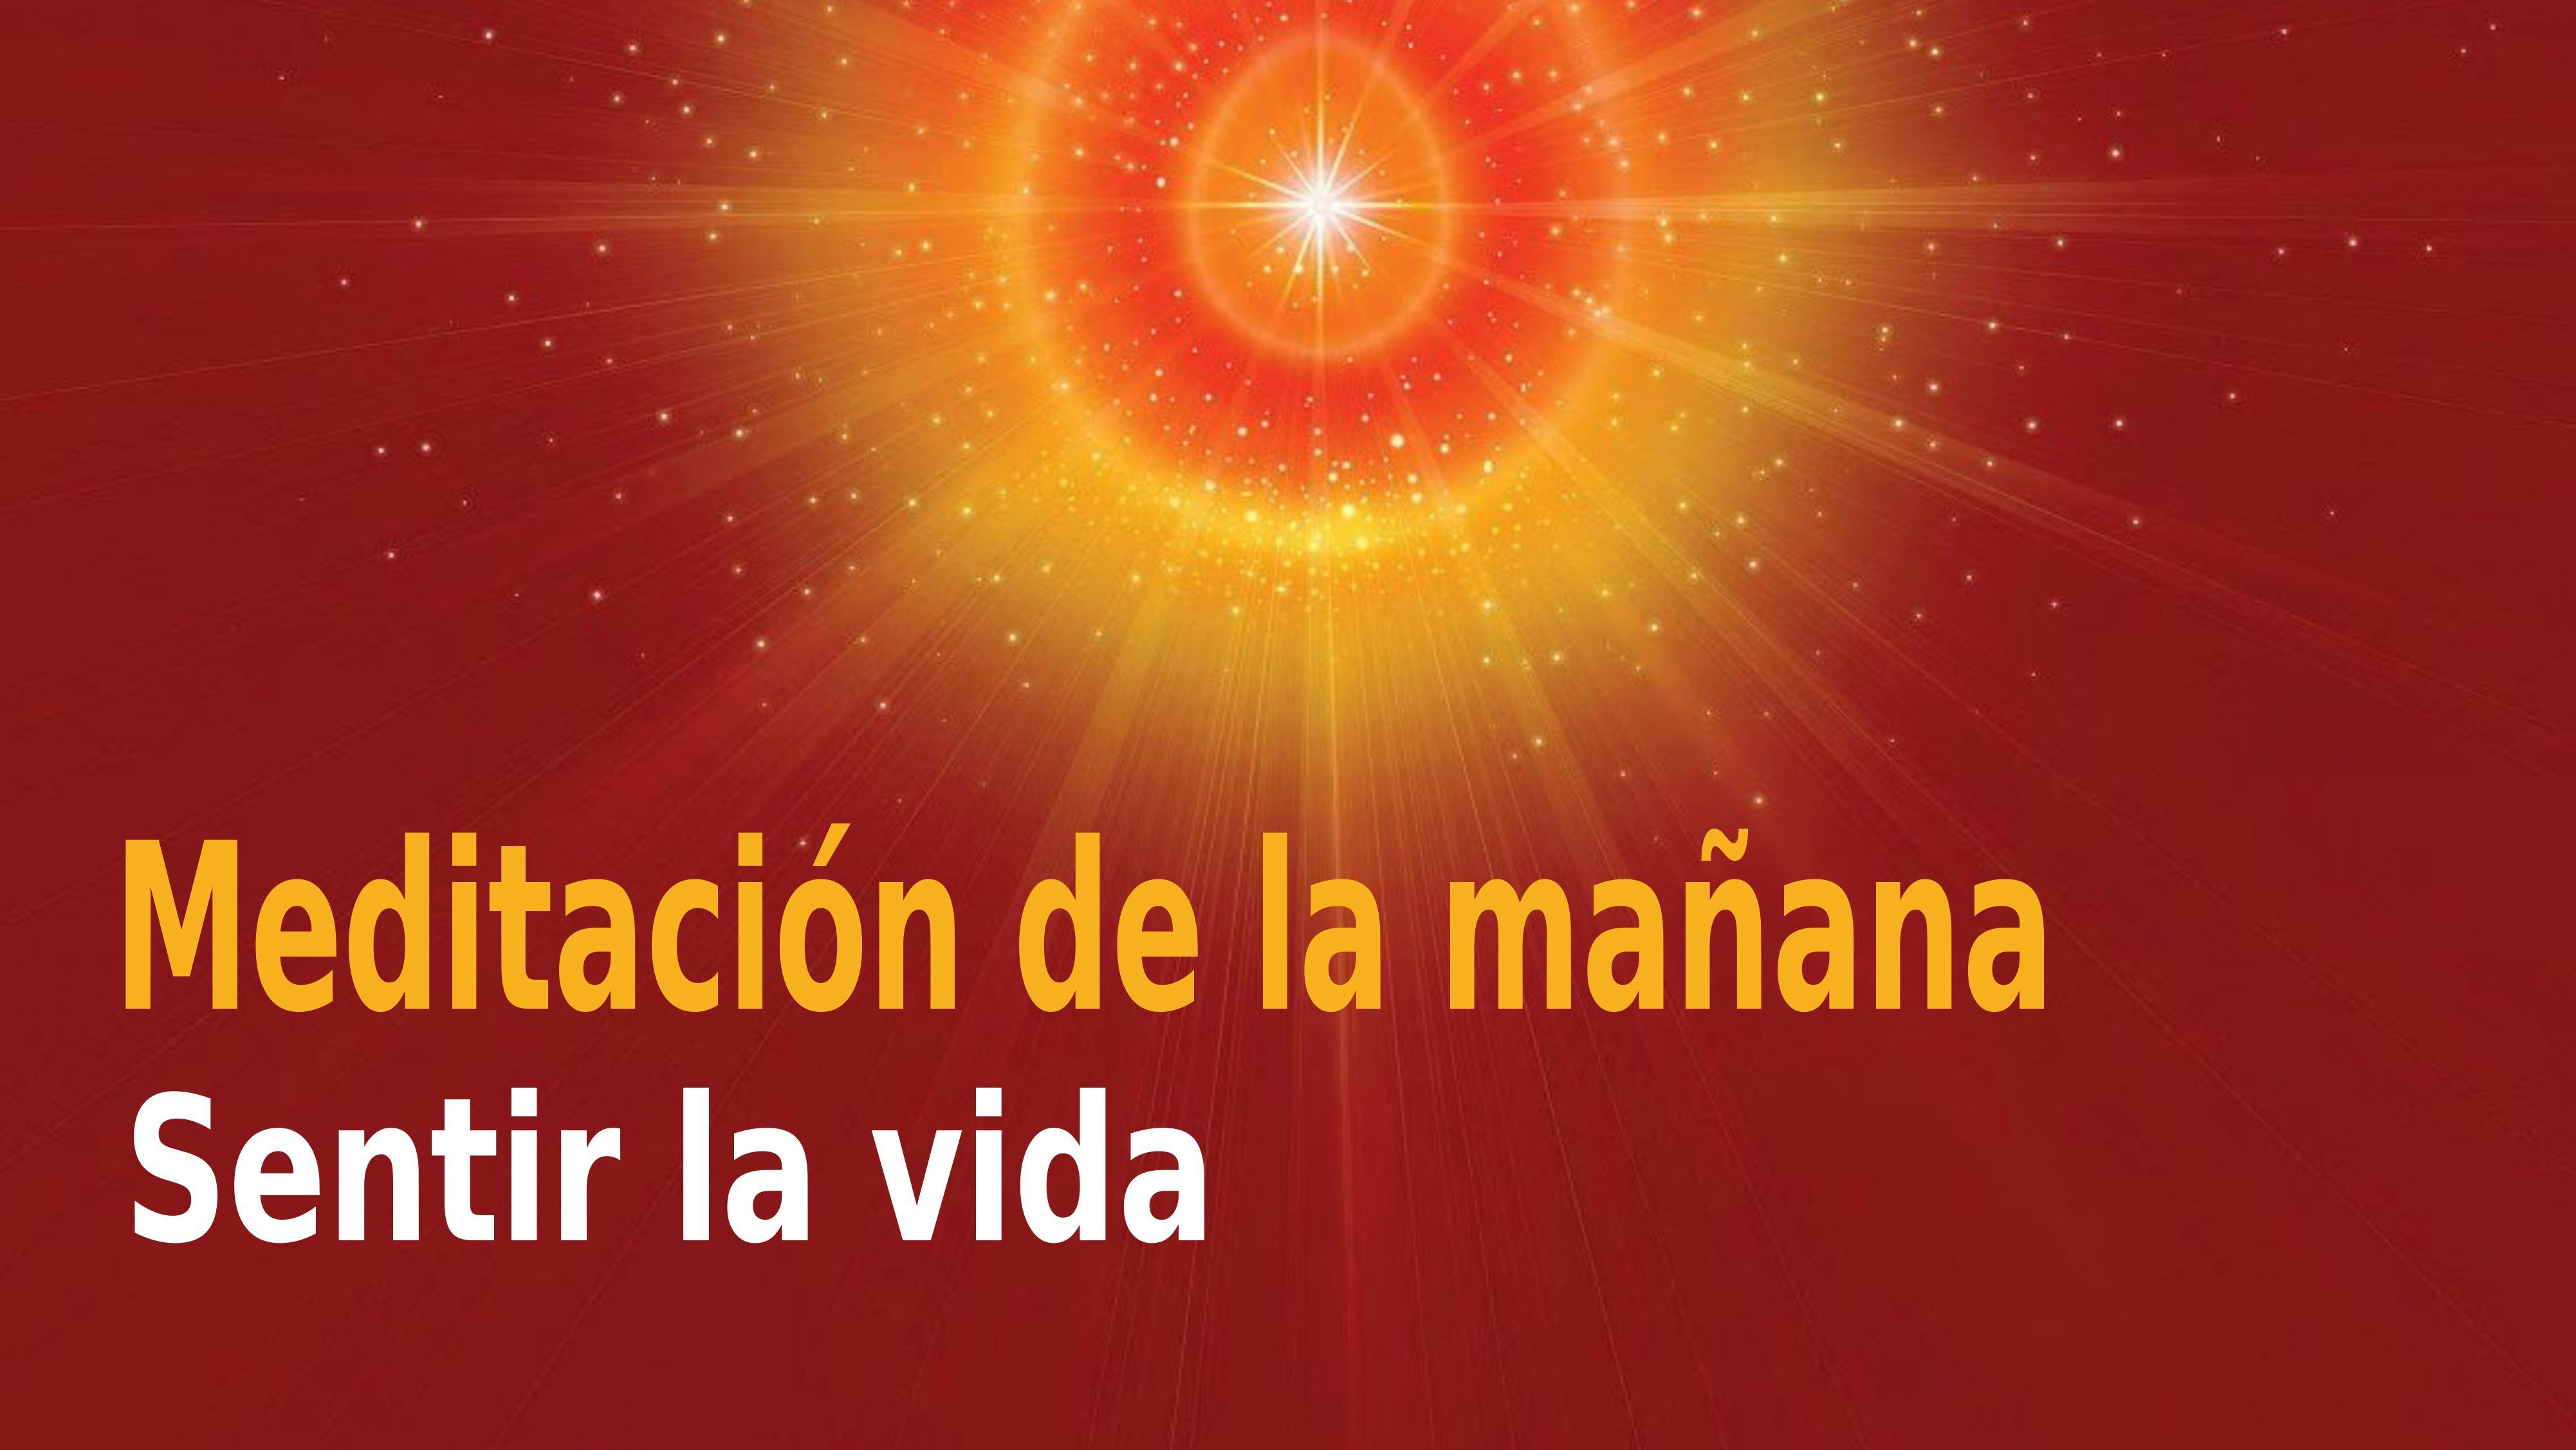 Meditación de la mañana Raja Yoga: Sentir la vida  (28 Octubre 2020)